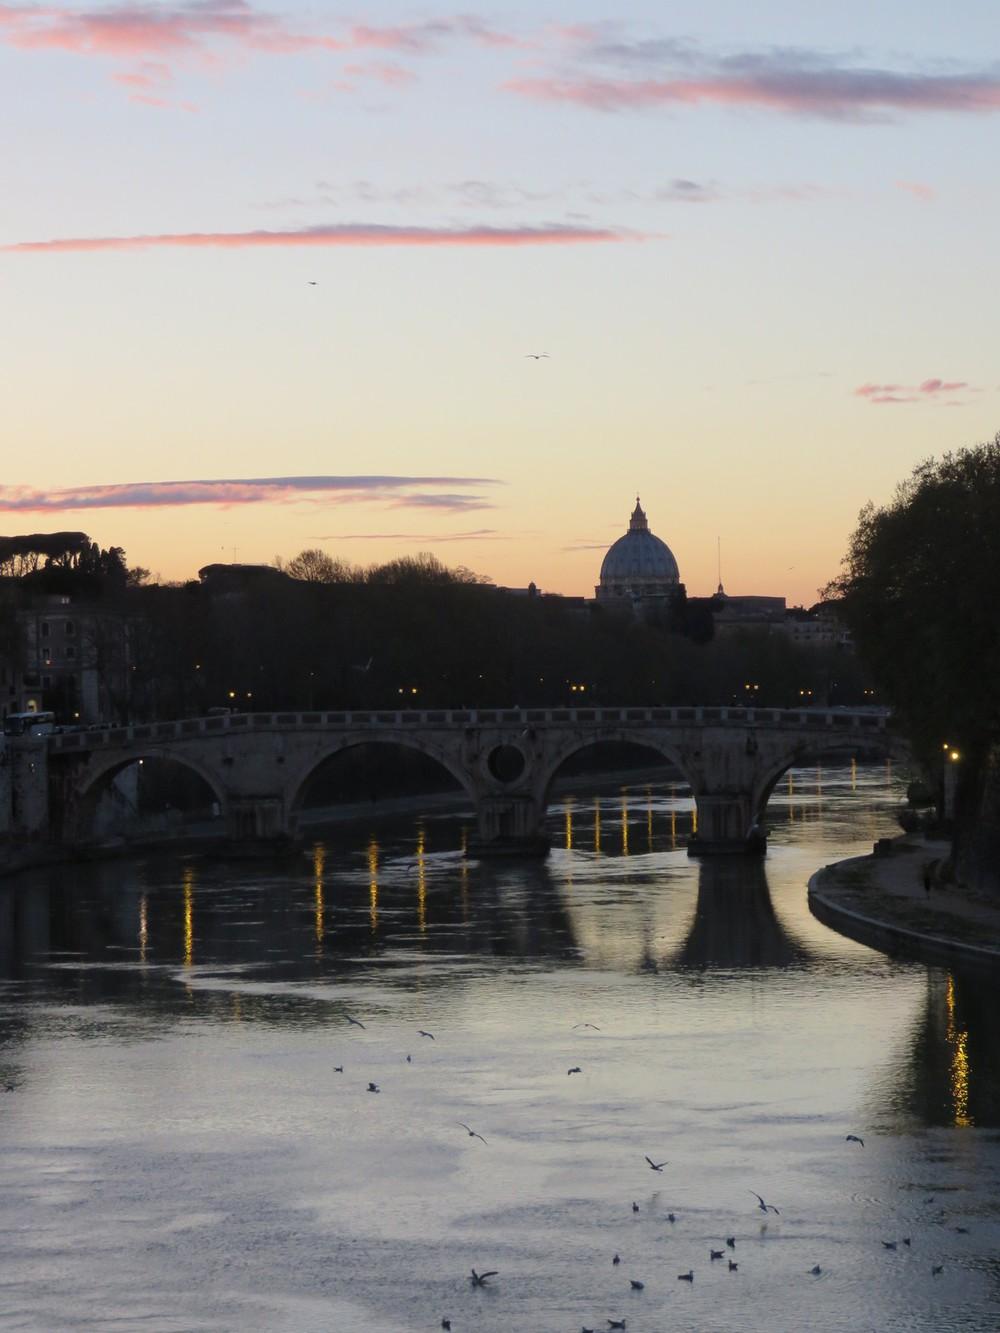 Tiber river sunset views